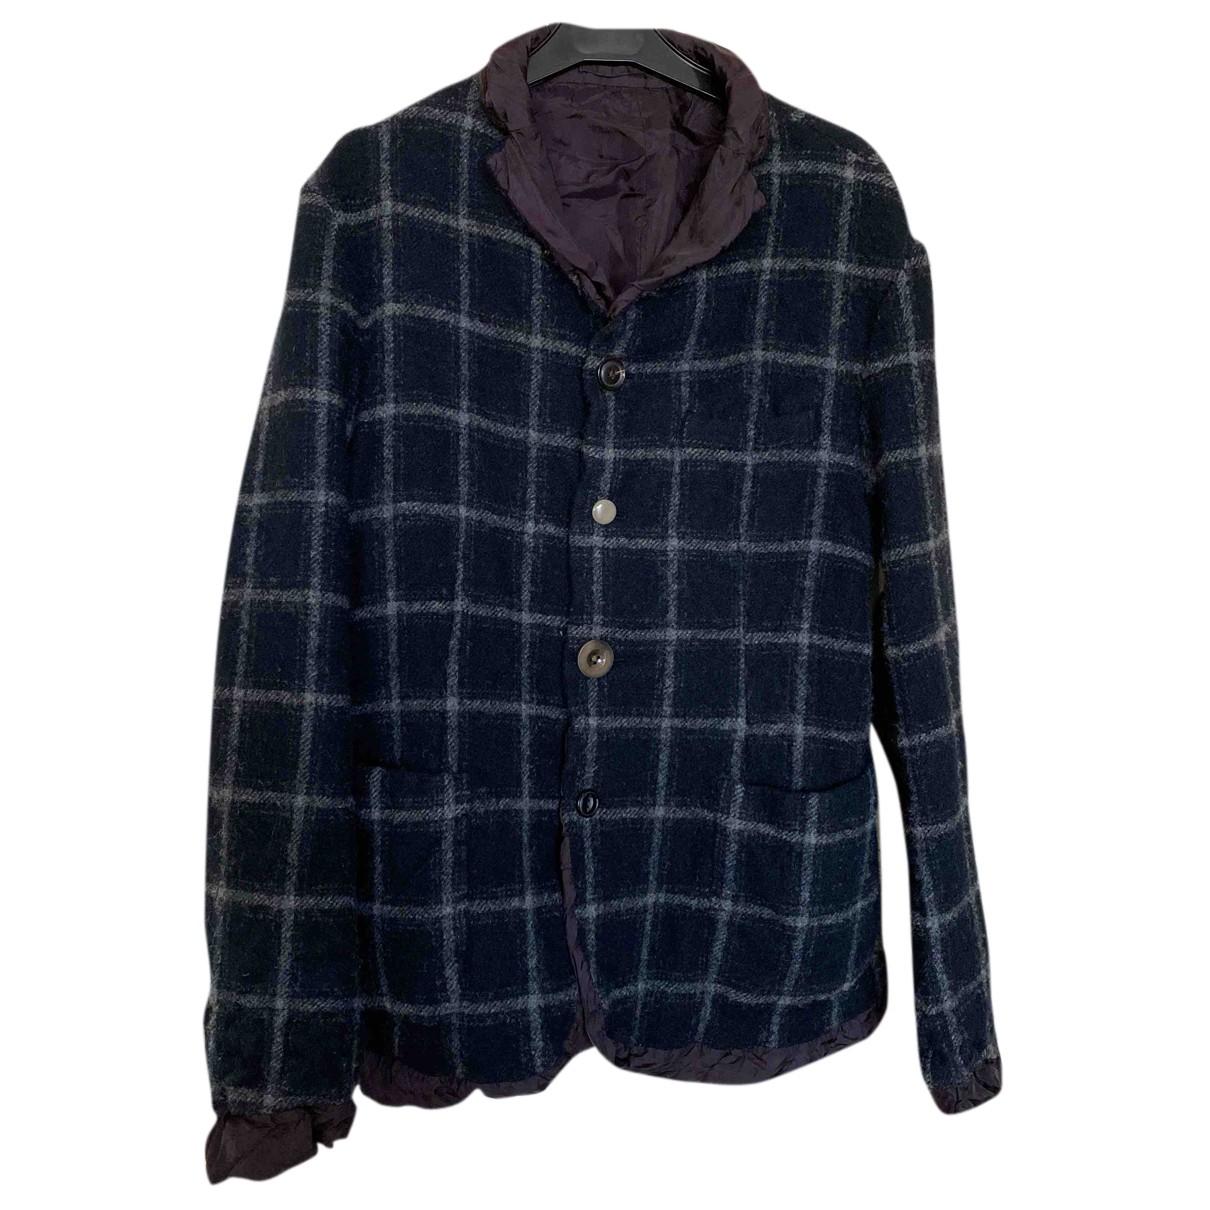 Kolor - Vestes.Blousons   pour homme en laine - anthracite